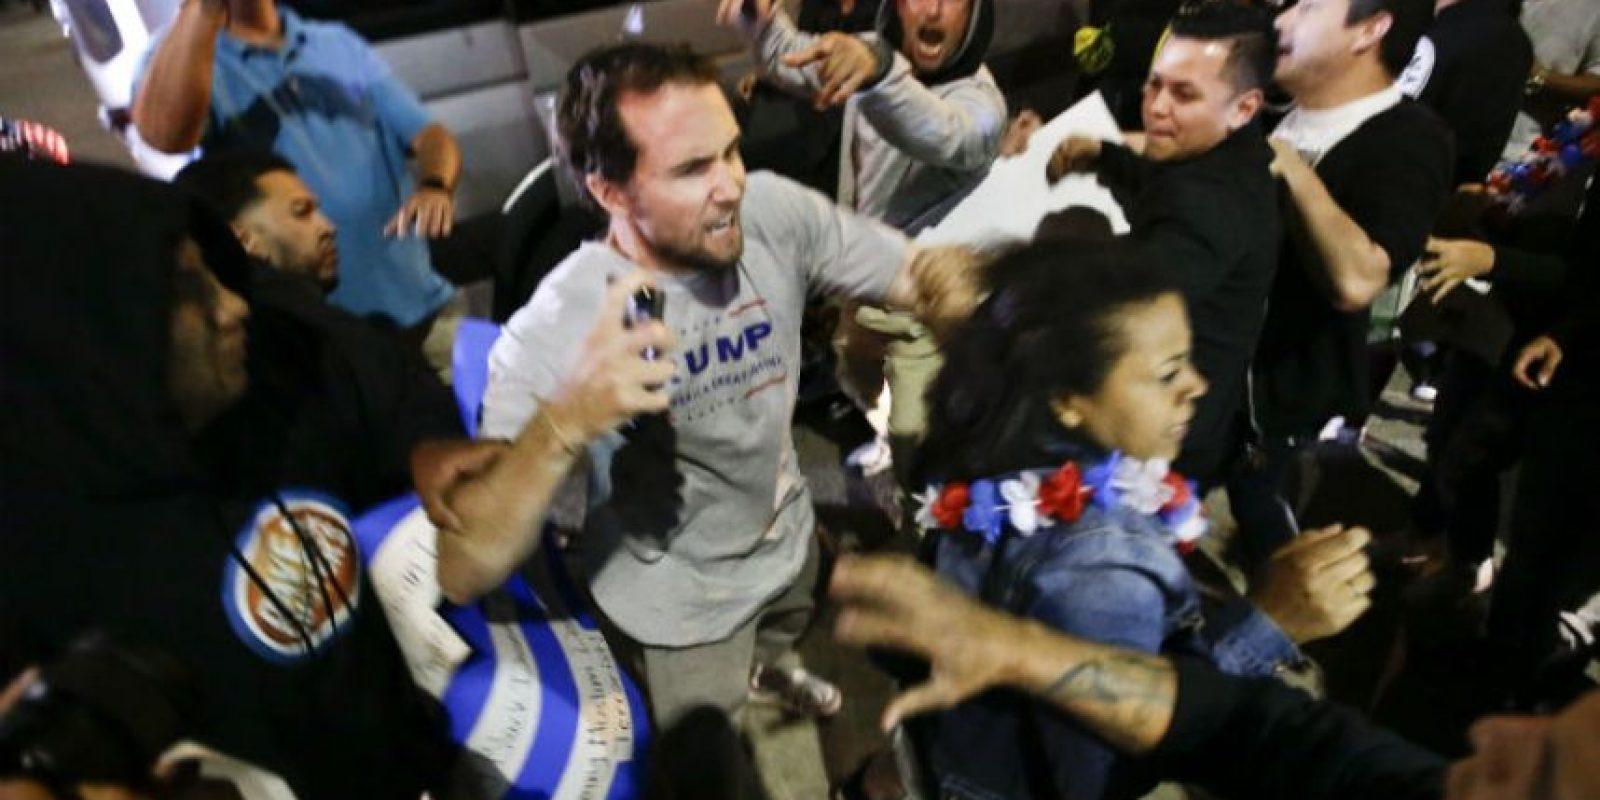 Los participantes explicaron que sus protestas iban dirigidas contra los mensajes de corte xenófobo de Trump Foto:AP